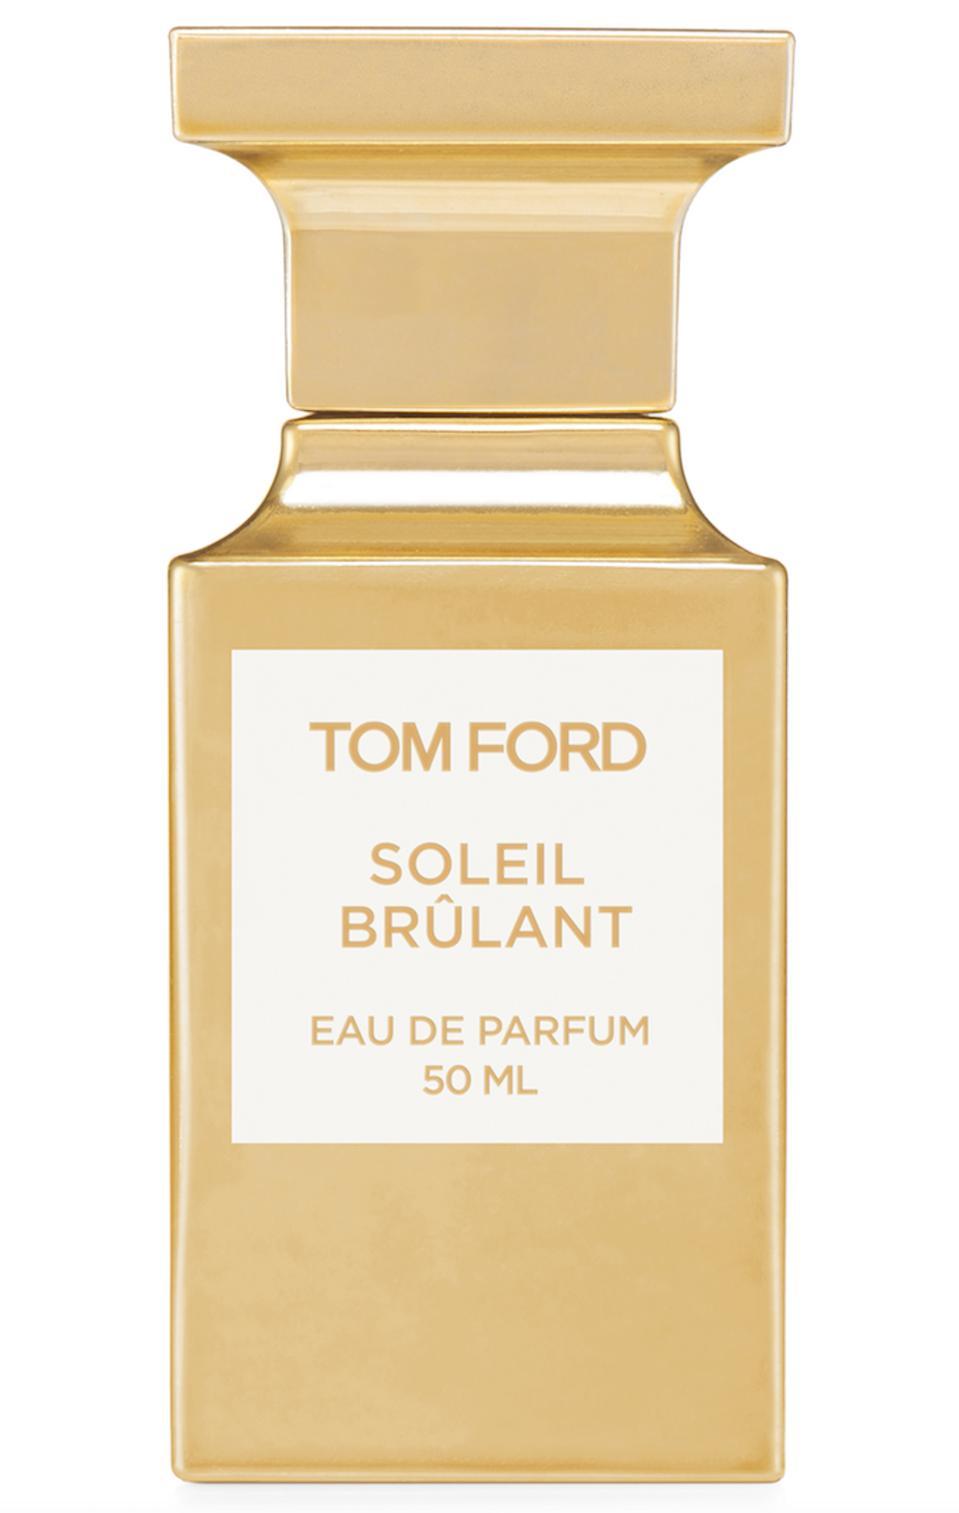 Tom Ford Soleil Brûlant Eau de Parfum